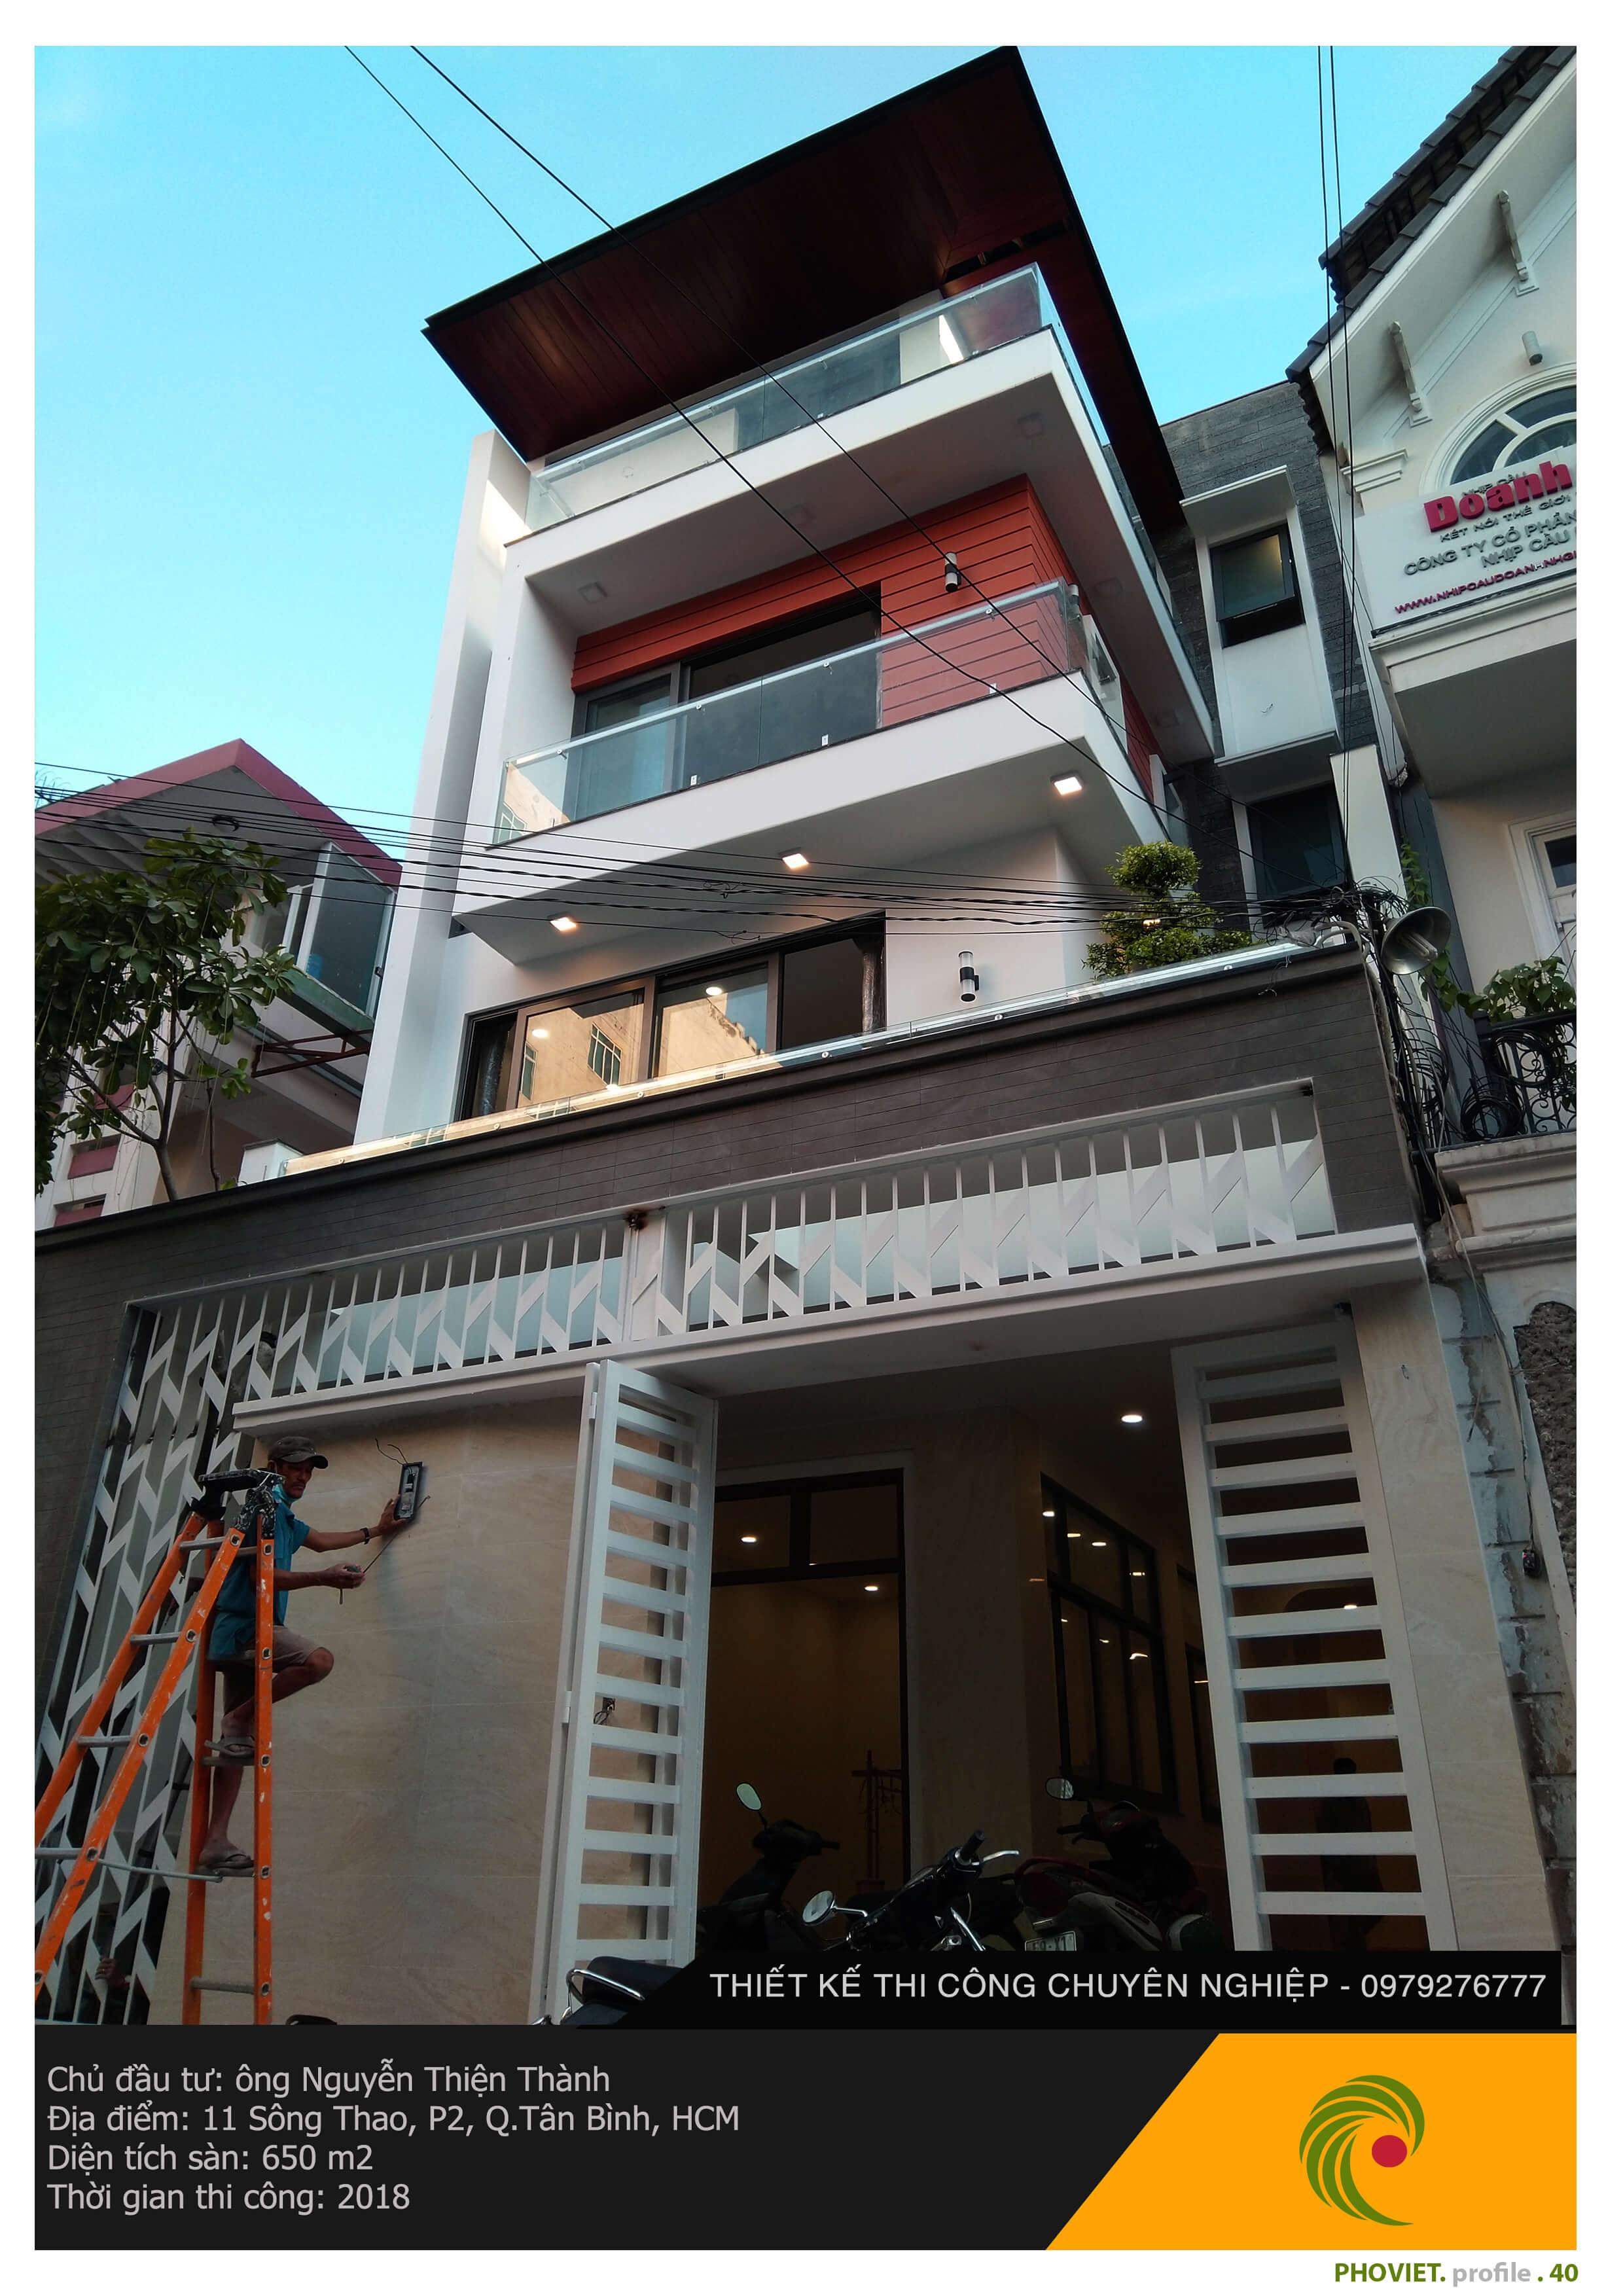 Nhà phố được thiết kế đơn giản, hiện đại